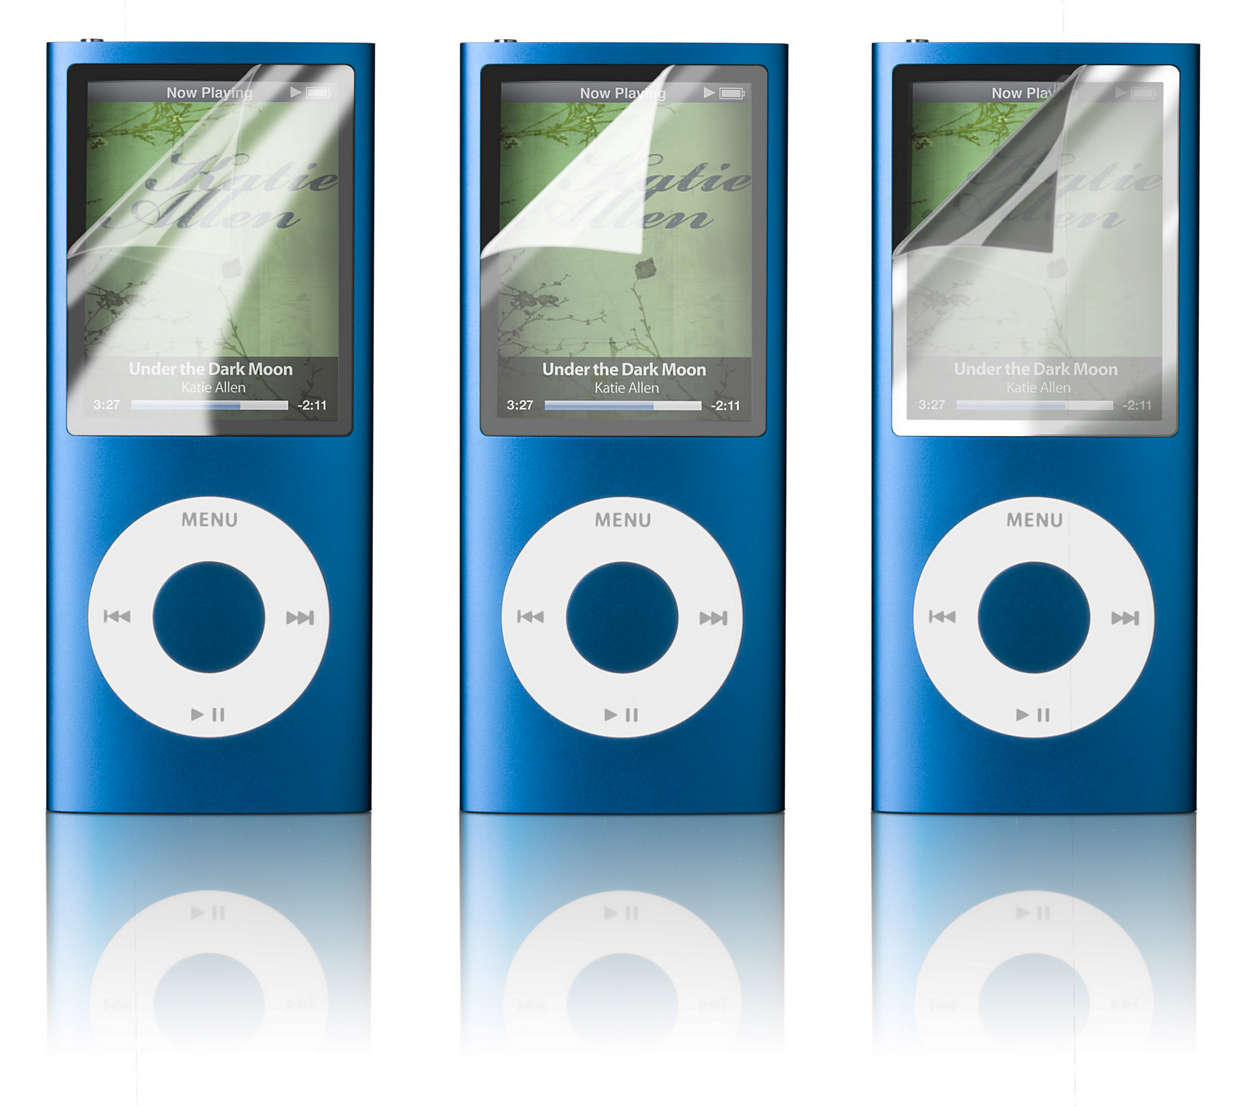 保護你的 iPod 熒幕